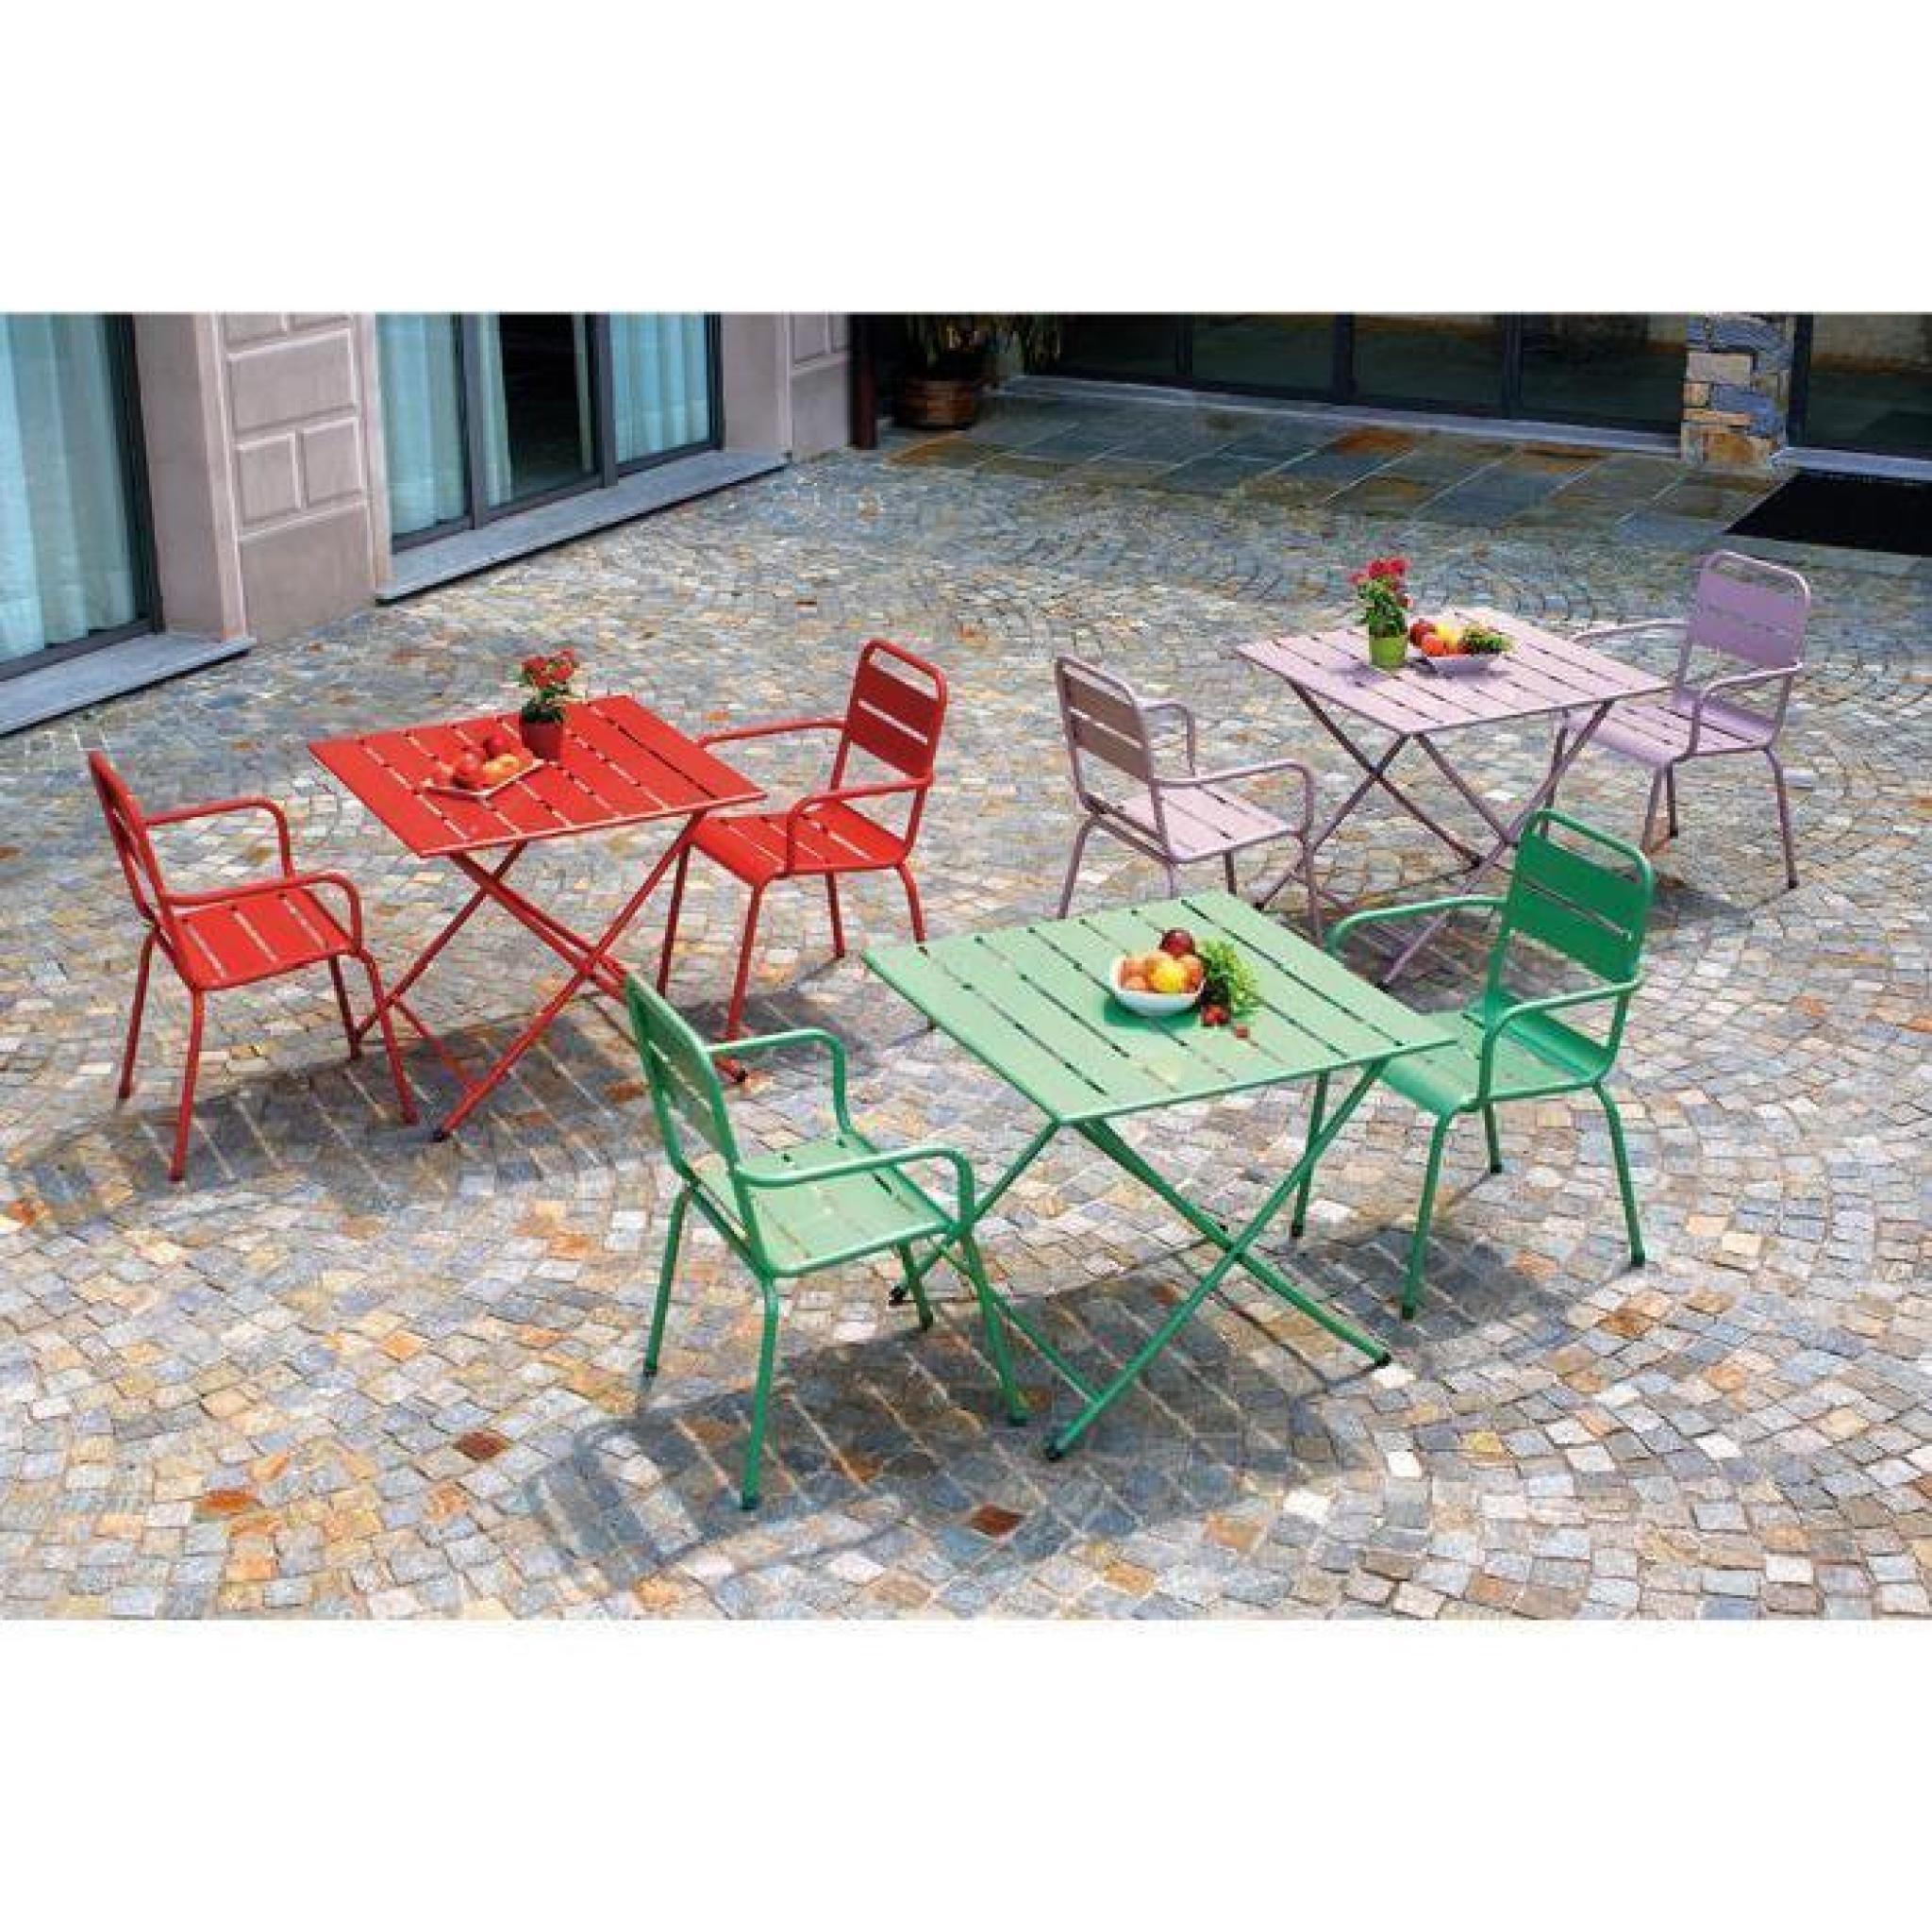 Table pliante de jardin en fer coloris lavande - Dim : H 71 x L 80 x P 80 cm